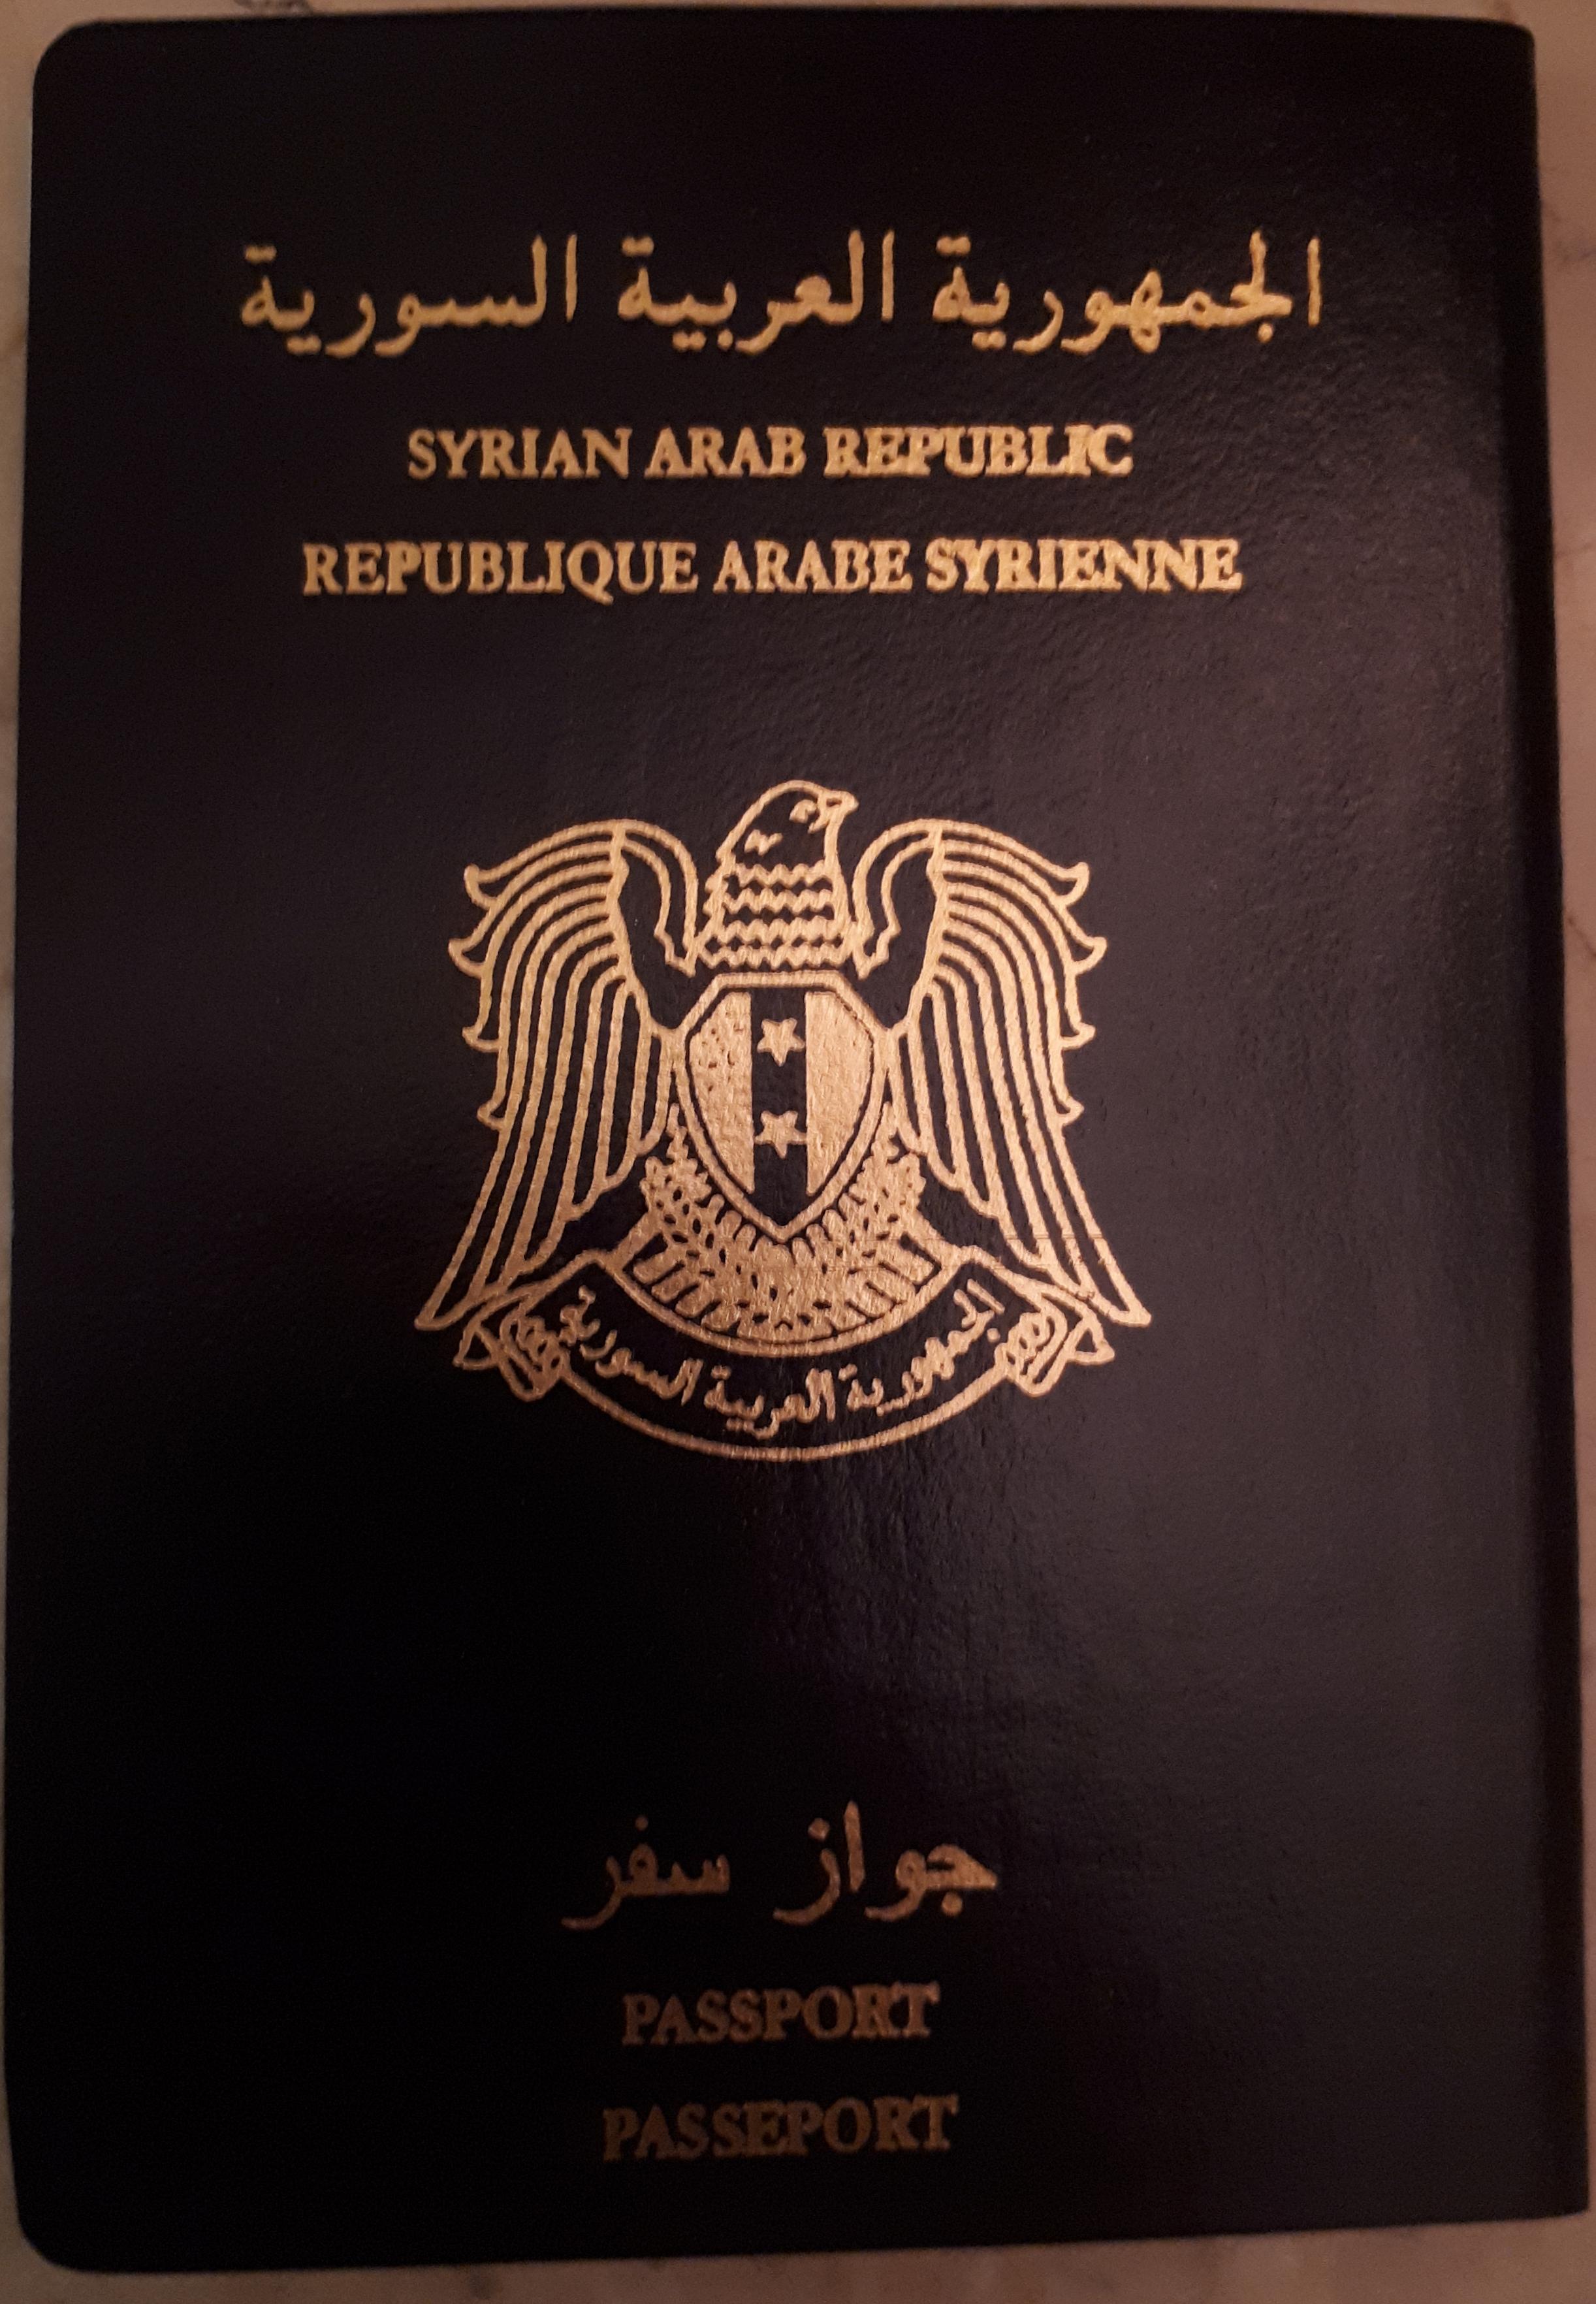 جواز سفر سوري - ويكيبيديا